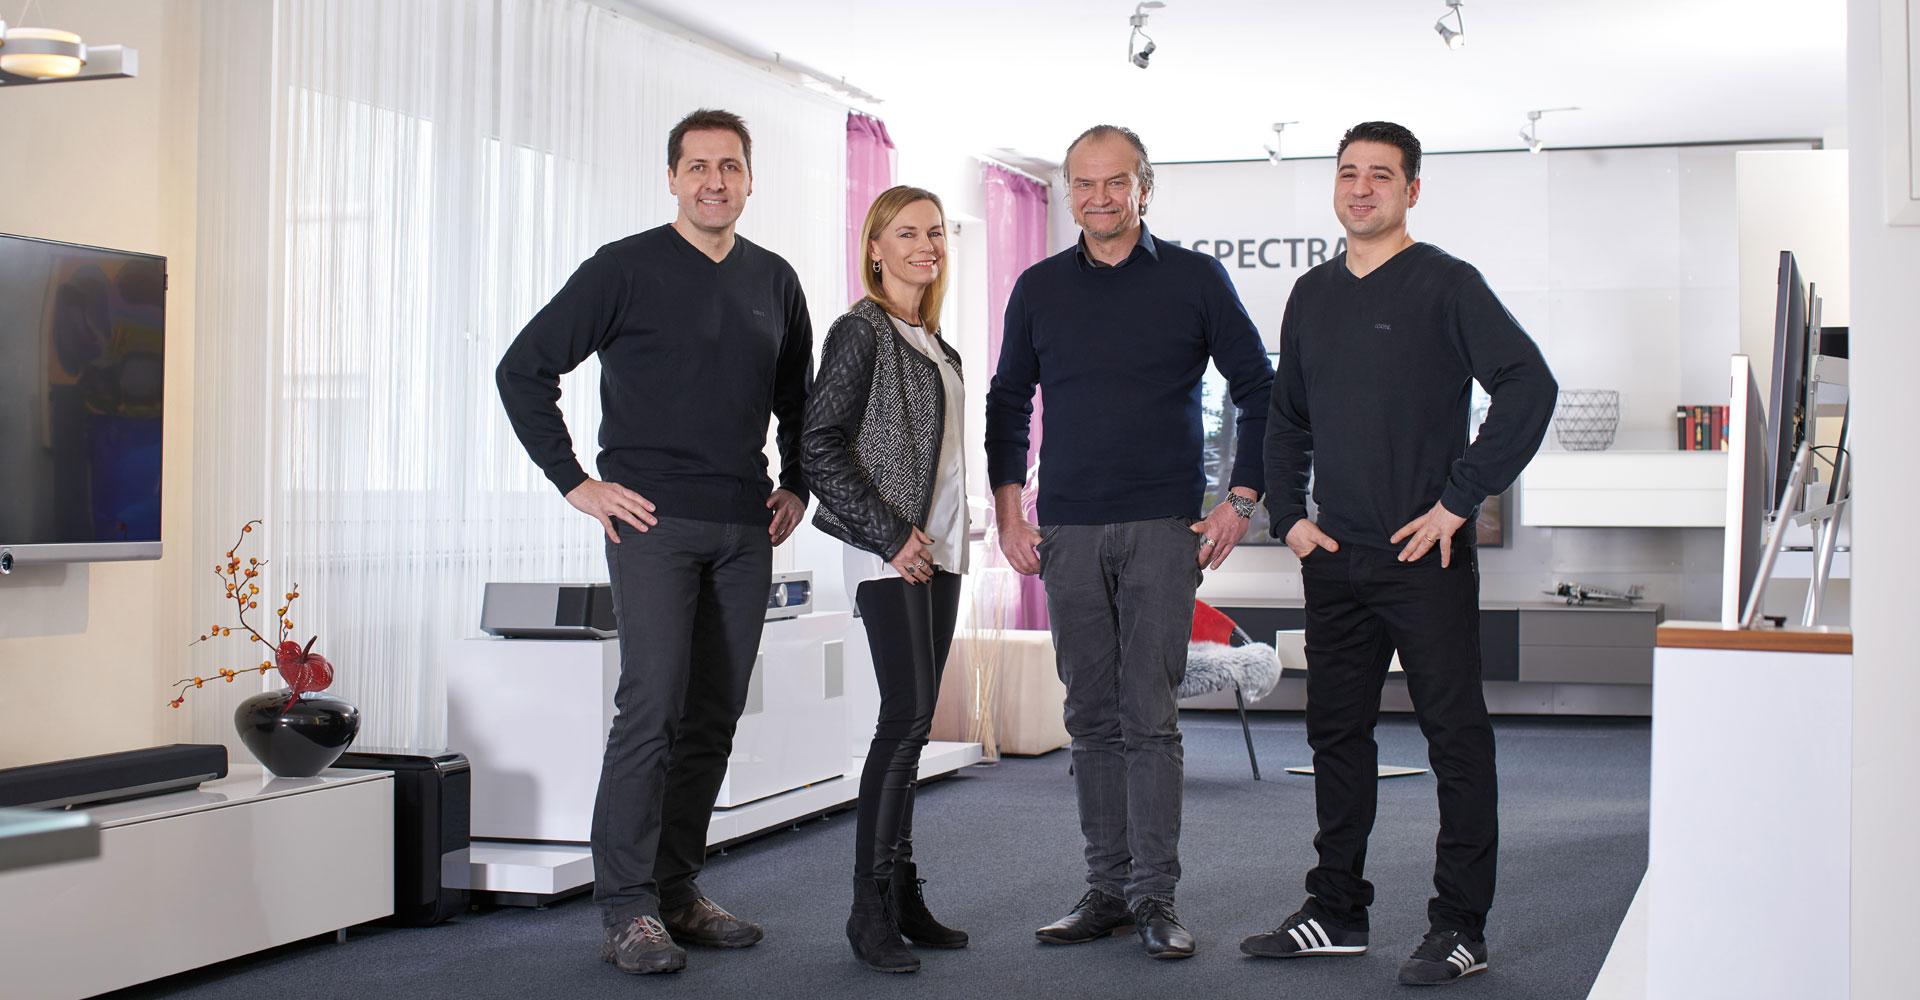 Loewe Galerie Schuh - Team